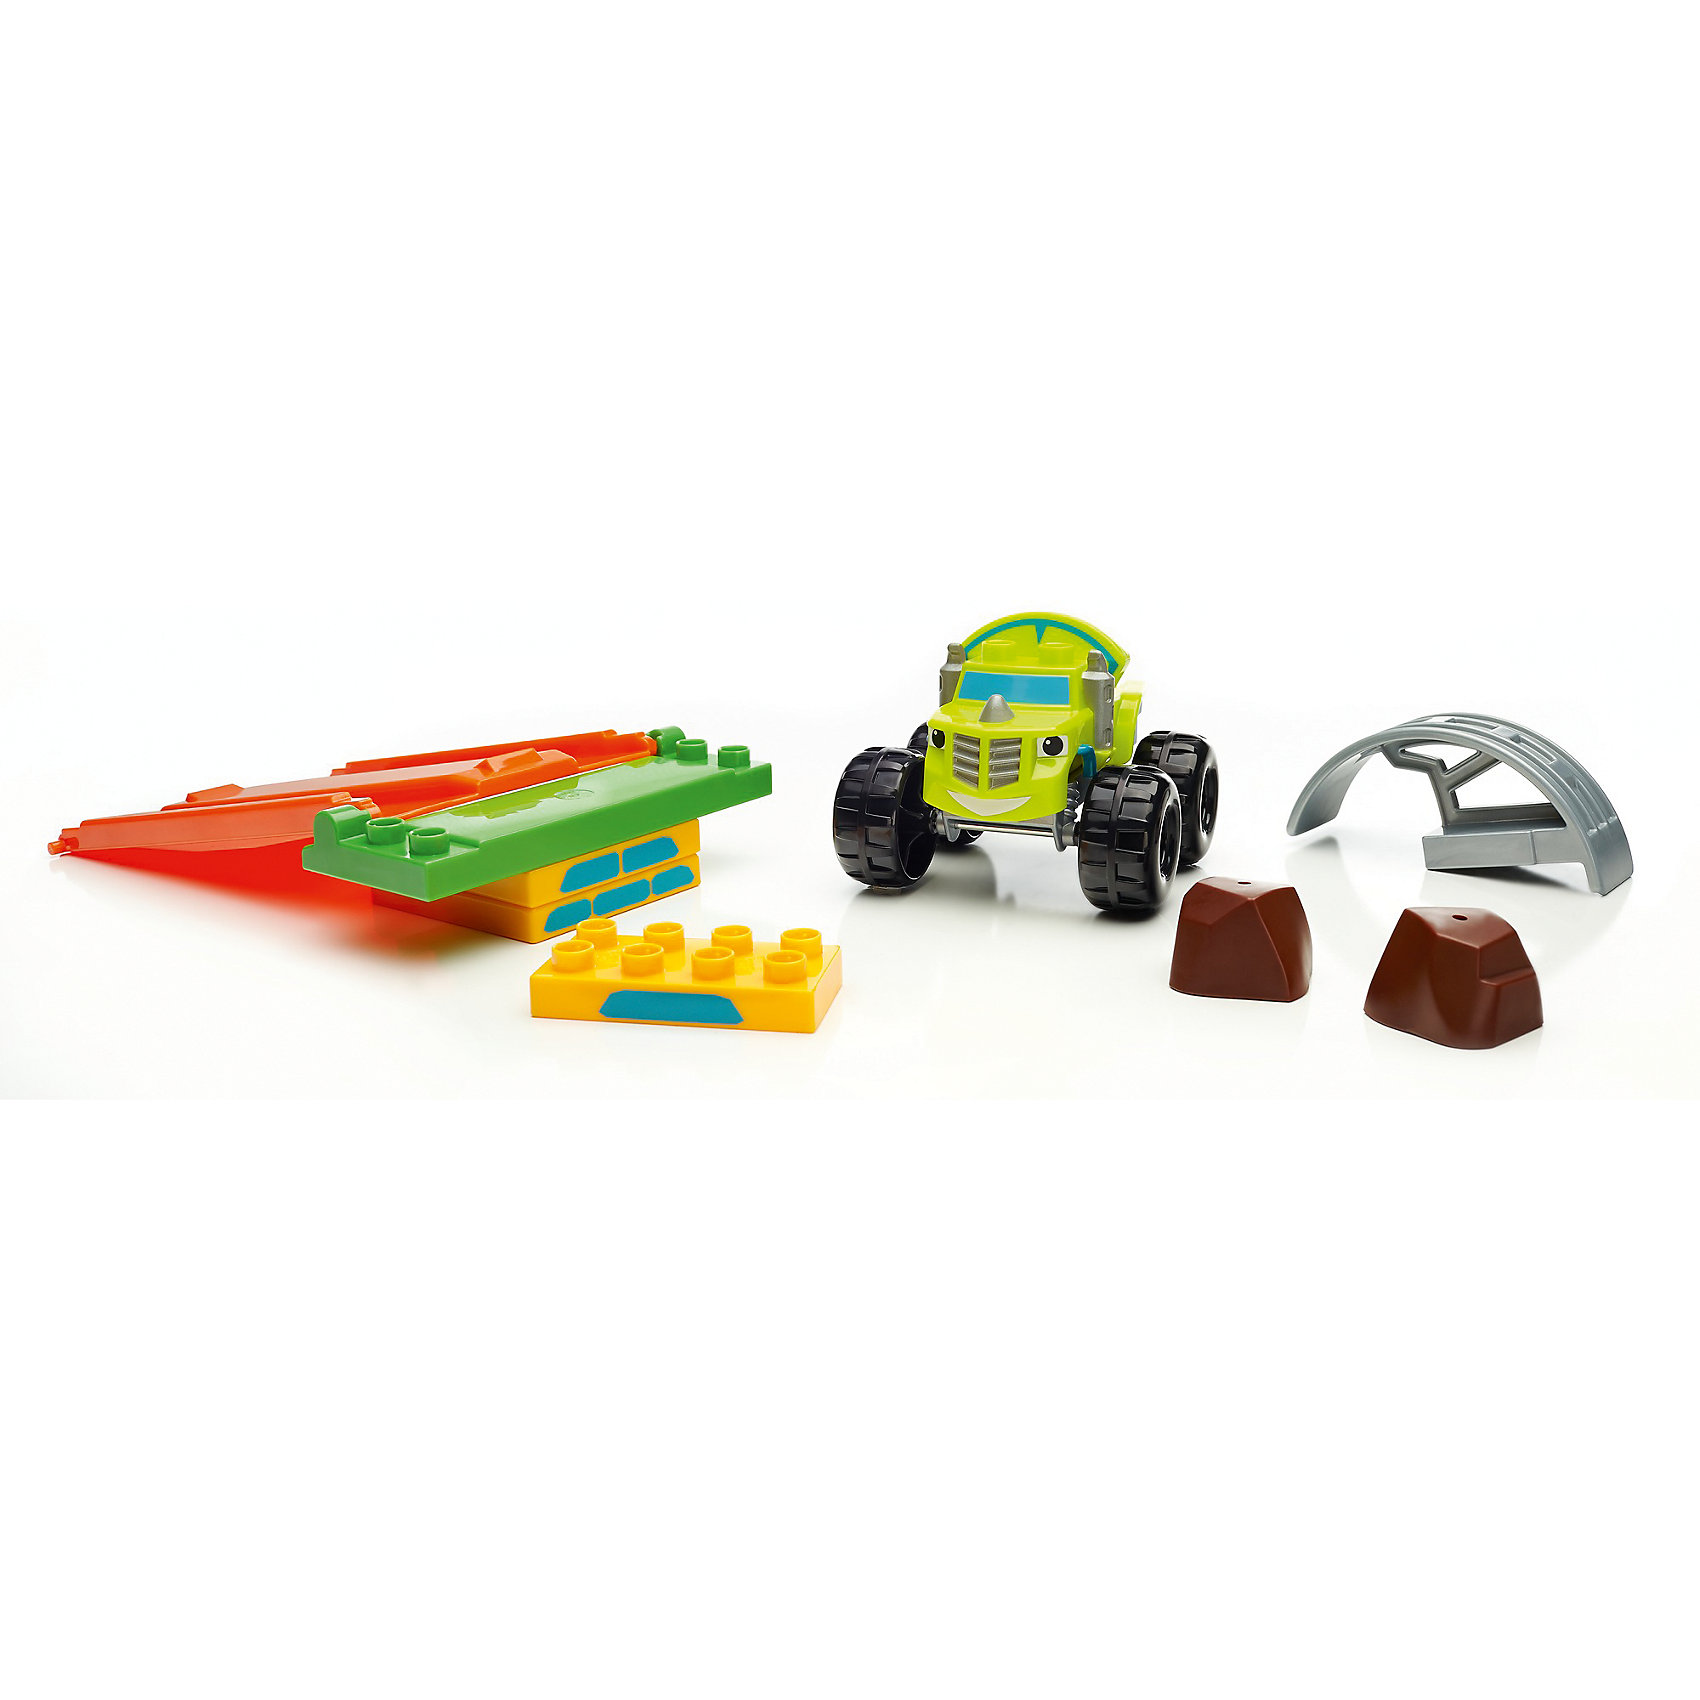 Монстр - трак, MEGA BLOKS, Вспыш и чудо-машинкиПластмассовые конструкторы<br>Характеристики товара:<br><br>• возраст: от 3 лет;<br>• материал: пластик;<br>• в комплекте: 12 деталей;<br>• размер упаковки: 20,5х20,5х4,5 см;<br>• вес упаковки: 225 гр.;<br>• страна производитель: Китай.<br><br>Конструктор «Монстр-трак» Mega Bloks Вспыш и чудо-машинки создан по мотивам известного детского мультсериала. Из деталей конструктора собирается любимый персонаж, а также установка для выполнения трюков с машинкой. Все элементы выполнены из качественного безопасного пластика. В процессе сборки у малышей развивается мелкая моторика рук, внимательность, логическое мышление.<br><br>Конструктор «Монстр-трак» Mega Bloks Вспыш и чудо-машинки можно приобрести в нашем интернет-магазине.<br><br>Ширина мм: 45<br>Глубина мм: 205<br>Высота мм: 205<br>Вес г: 225<br>Возраст от месяцев: 36<br>Возраст до месяцев: 84<br>Пол: Мужской<br>Возраст: Детский<br>SKU: 6975230